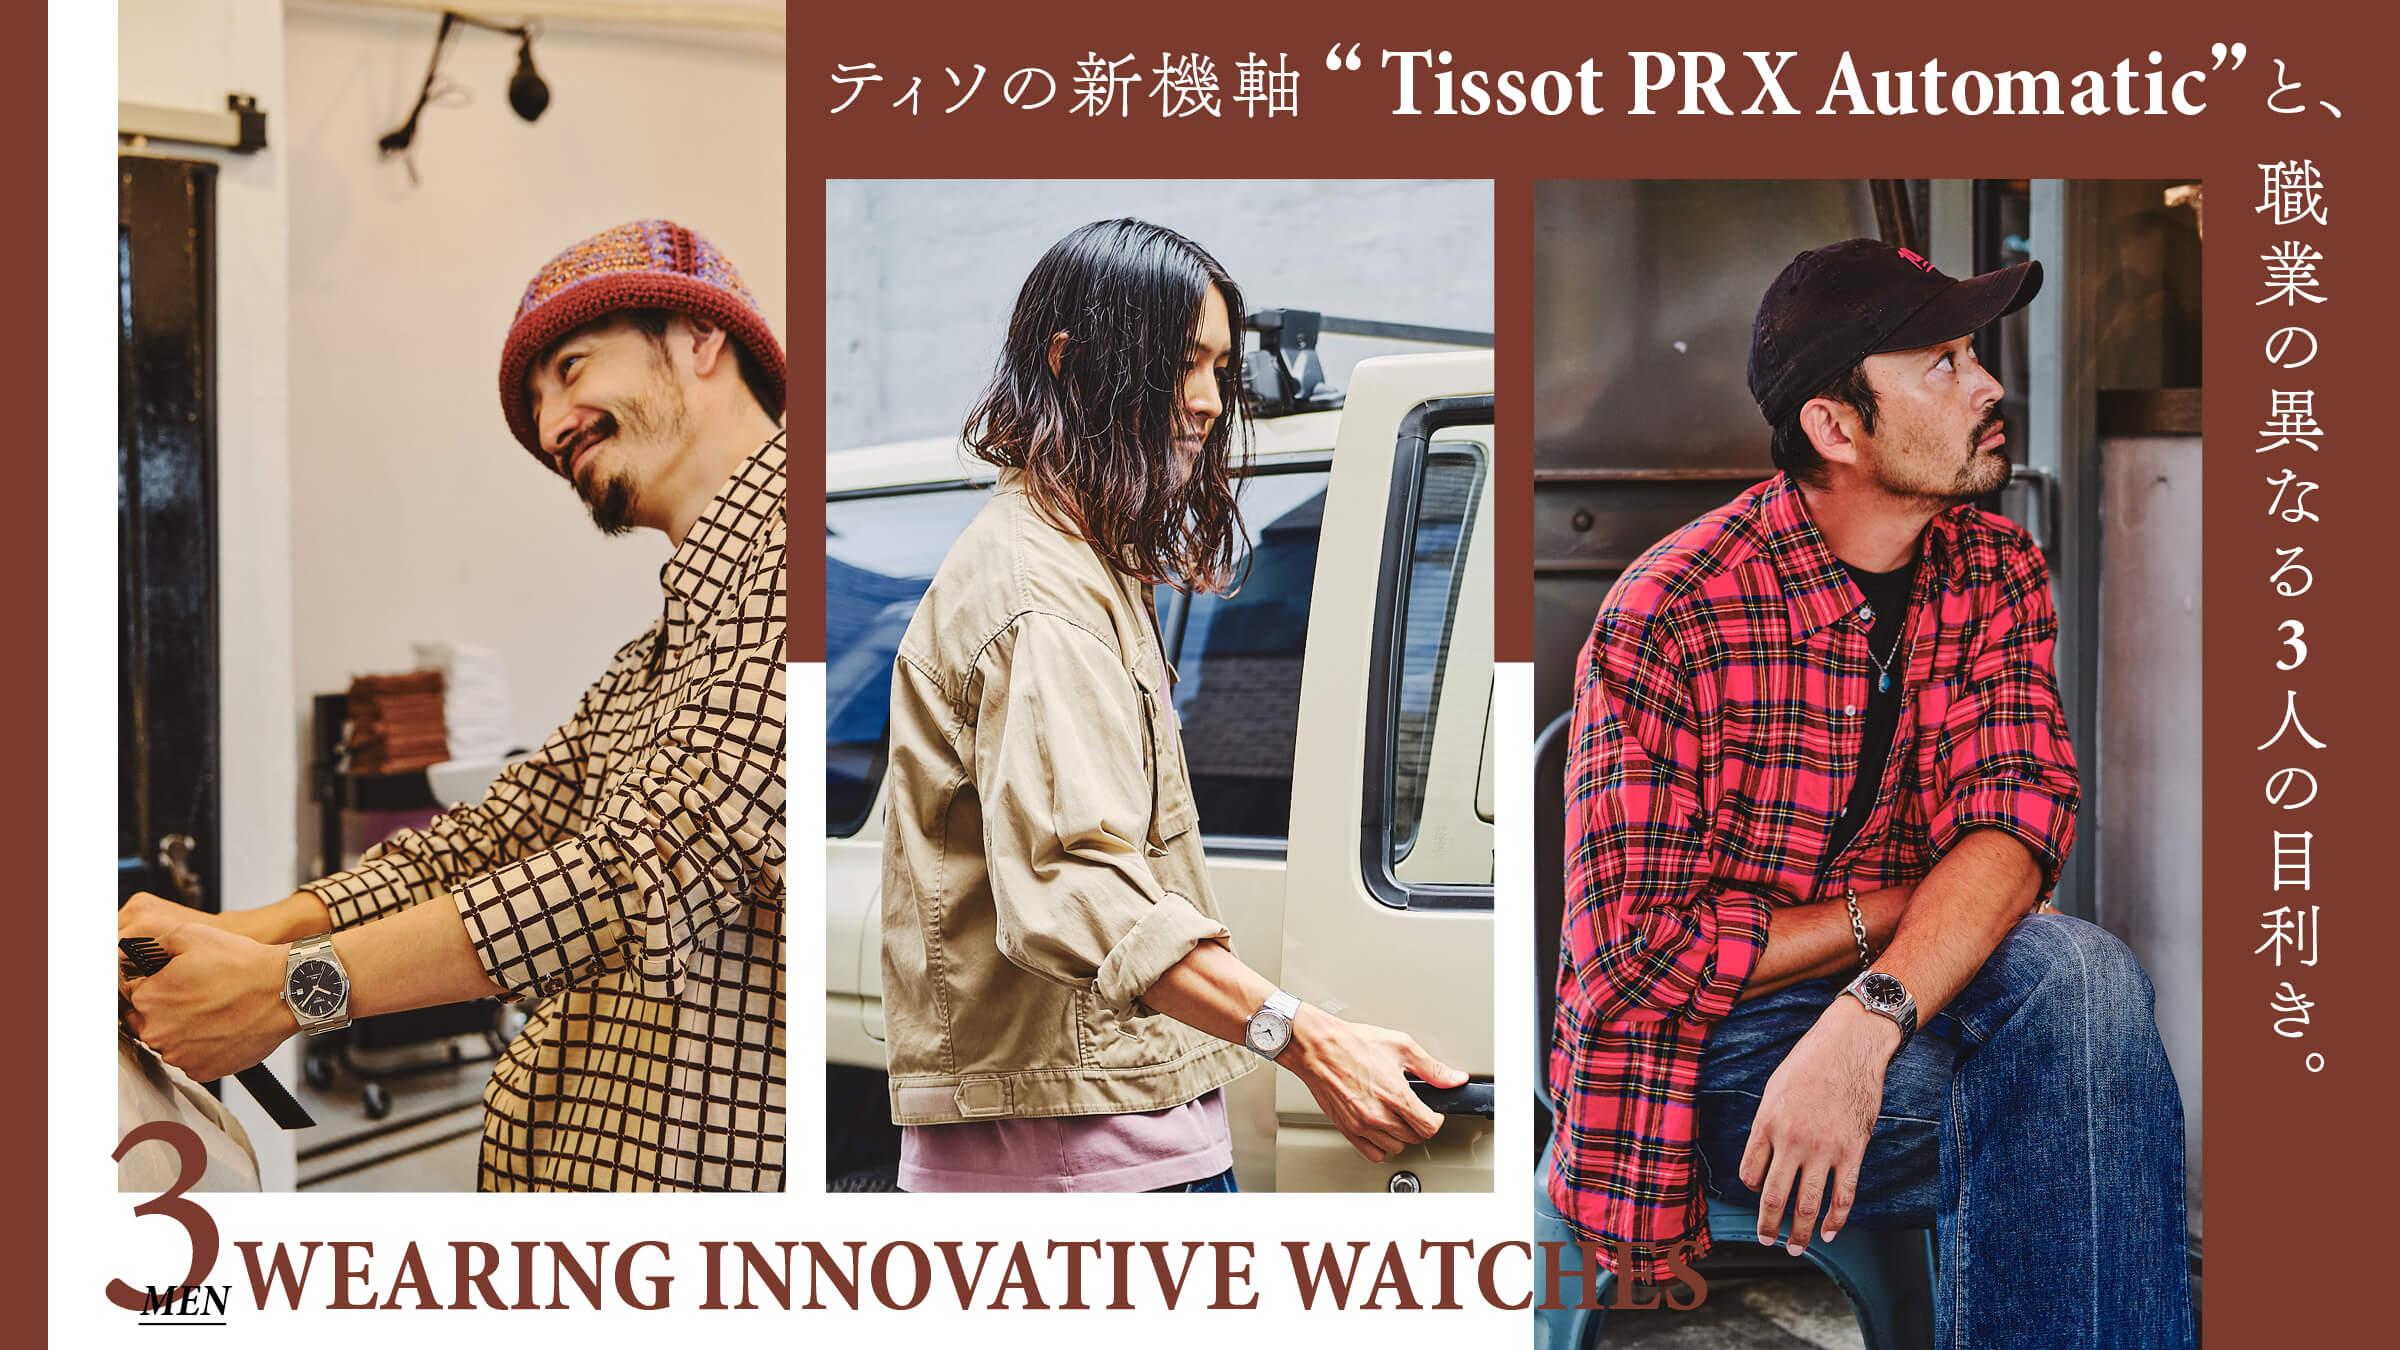 """ティソの新機軸 """"Tissot PRX Automatic"""" と、職業の異なる3人の目利き。"""